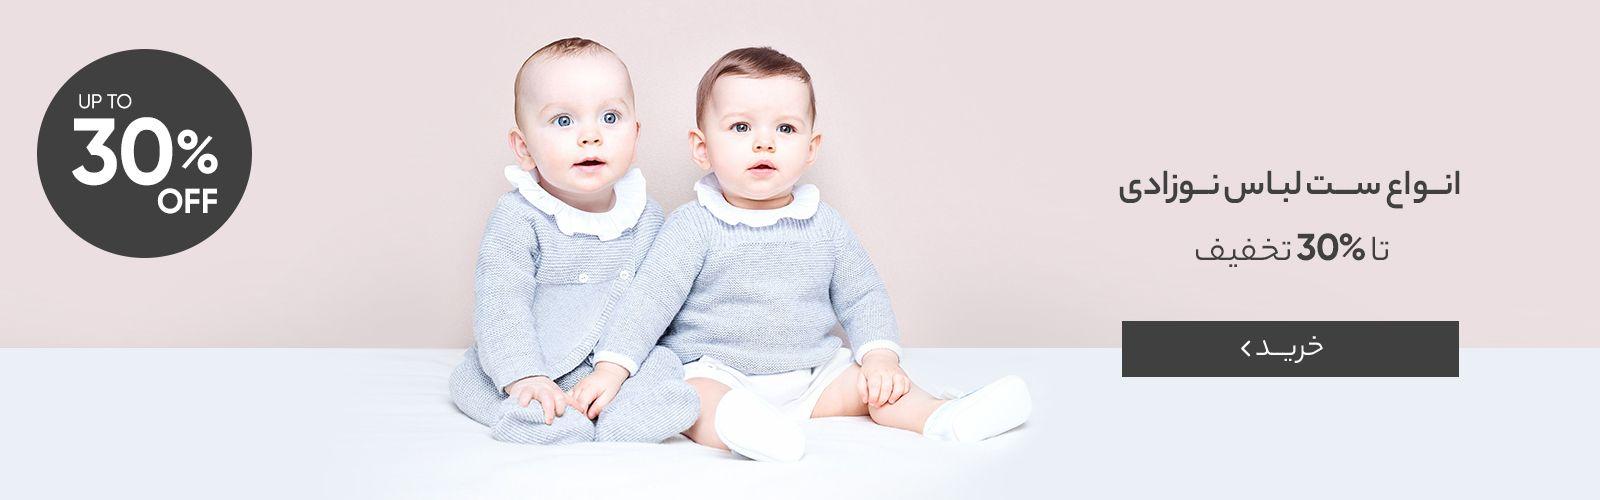 انواع ست لباس نوزادی